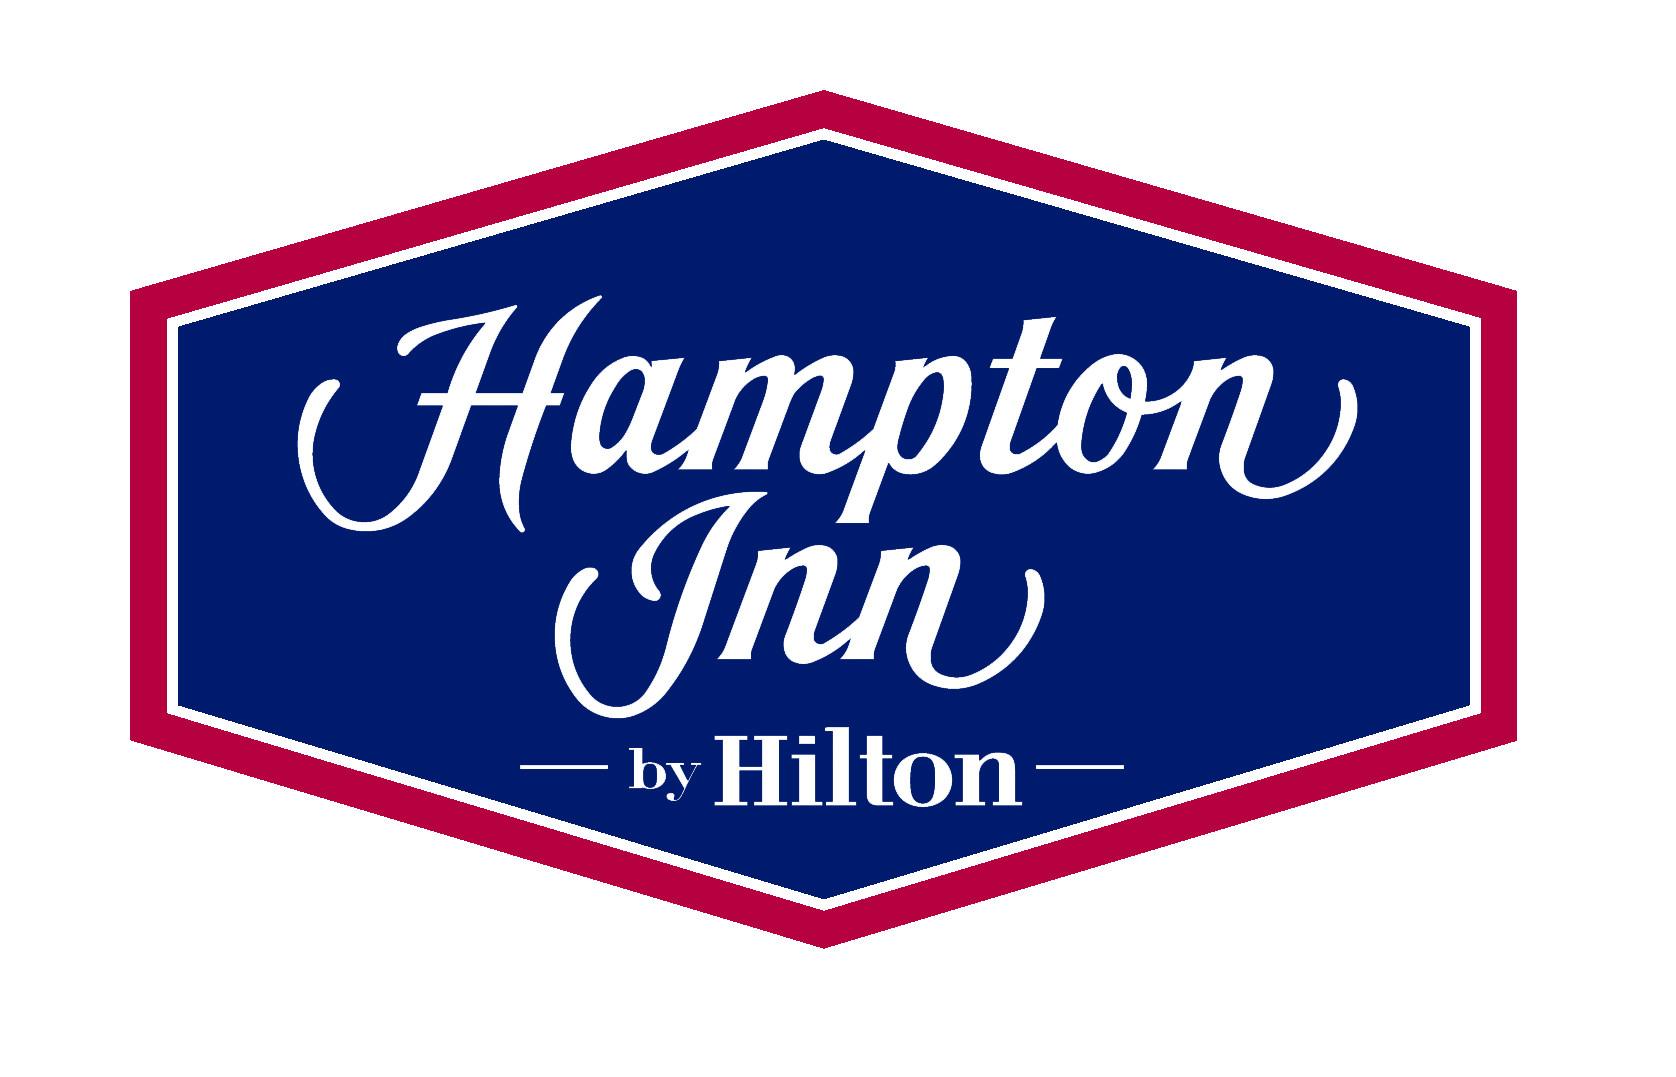 HAMPTON INN.jpeg